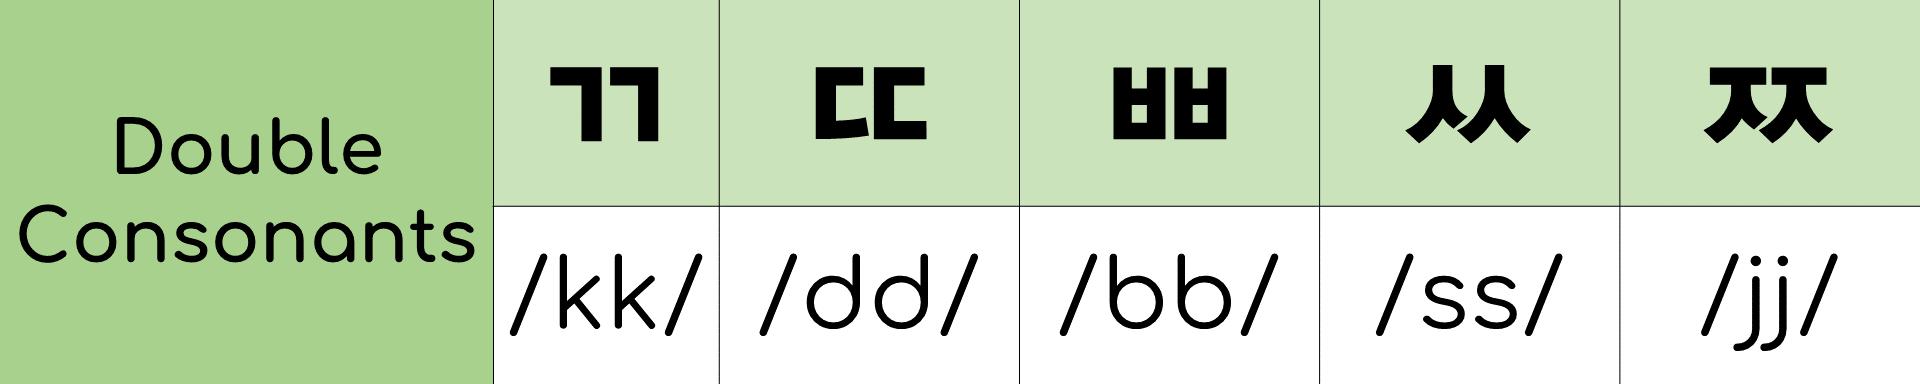 A Korean phonetic double consonant chart.